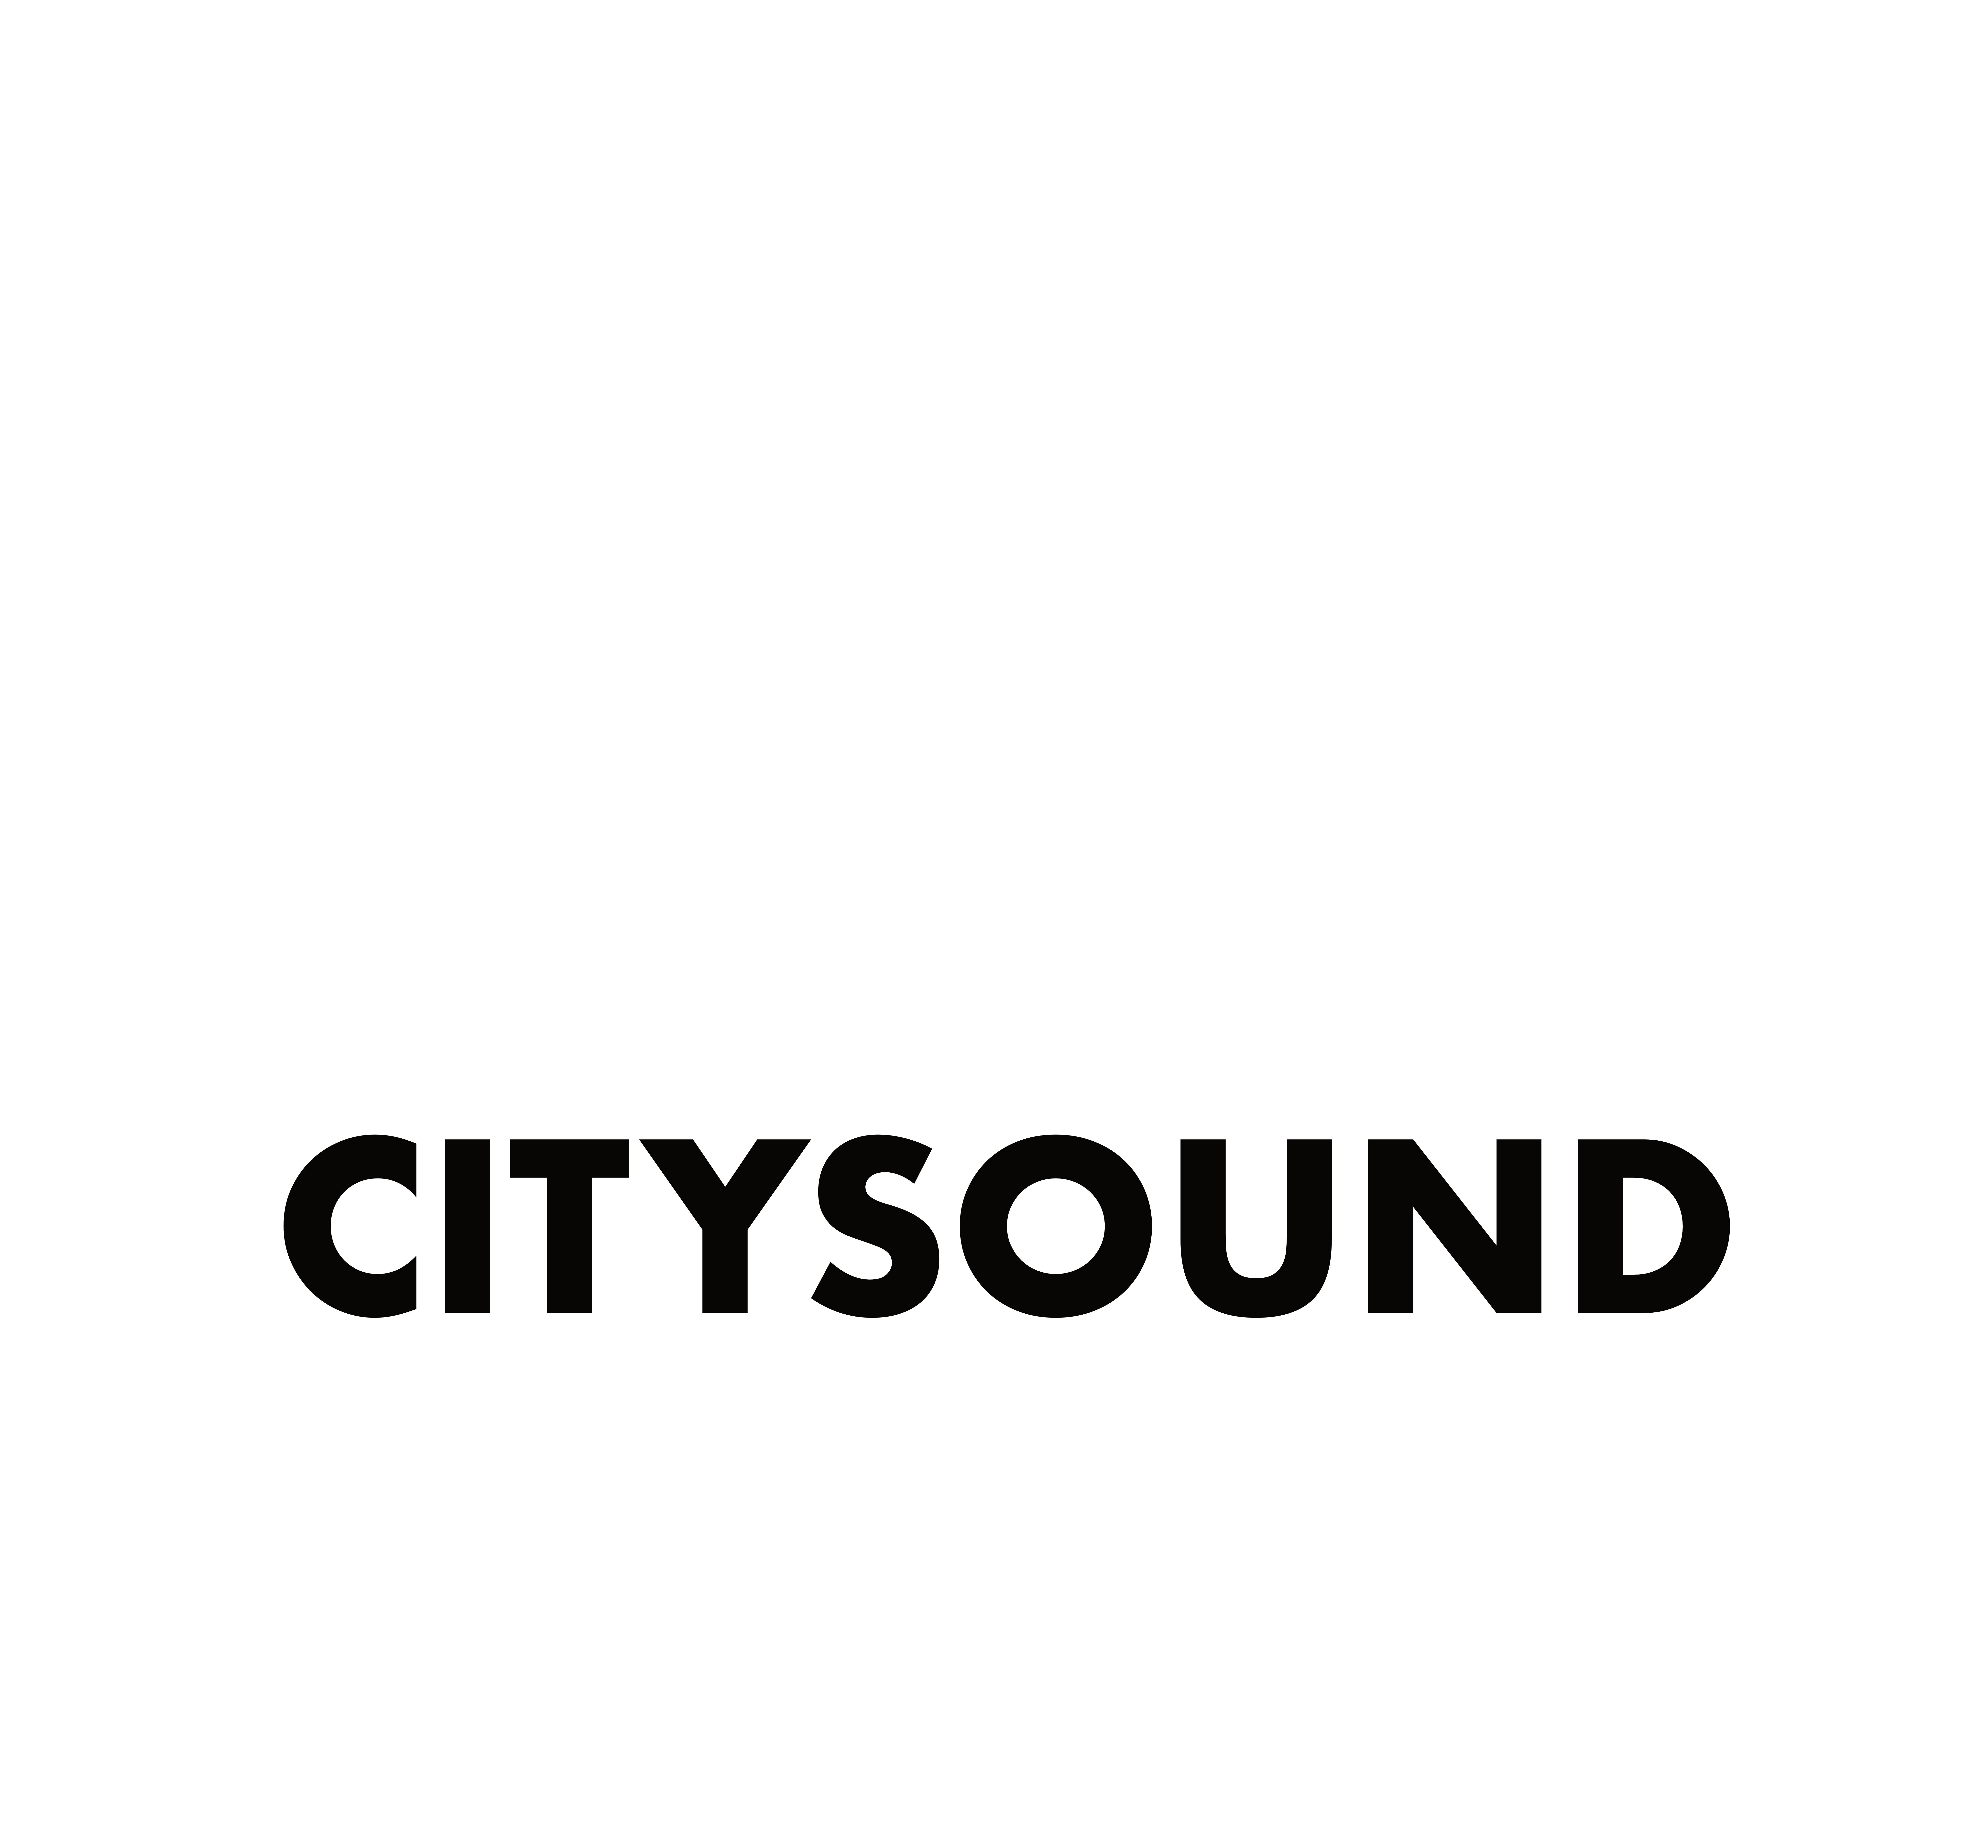 Citysound Logo